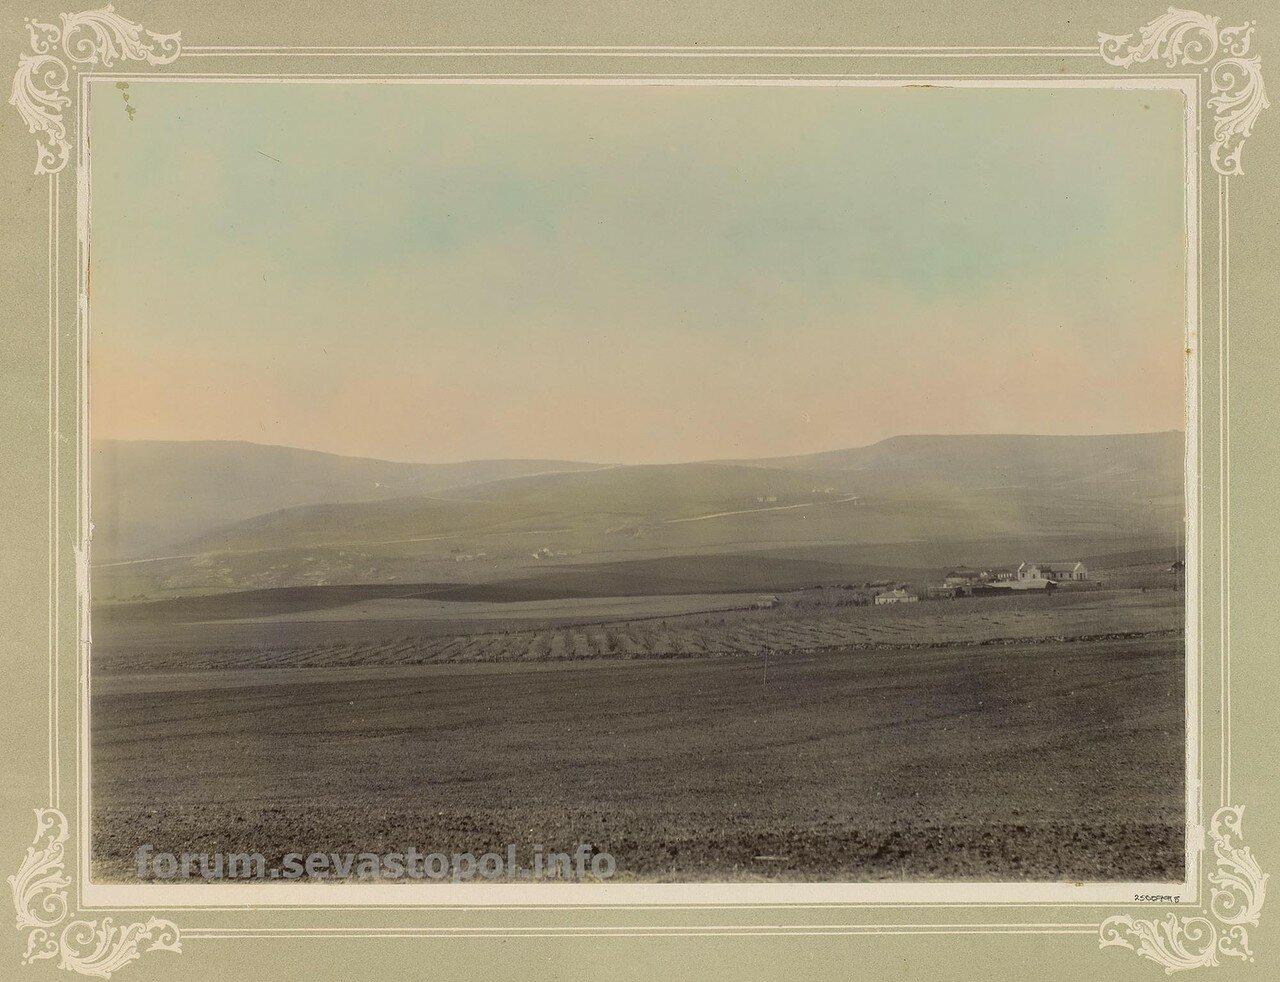 Продолжение поля Балаклавского сражения. Вид с севера